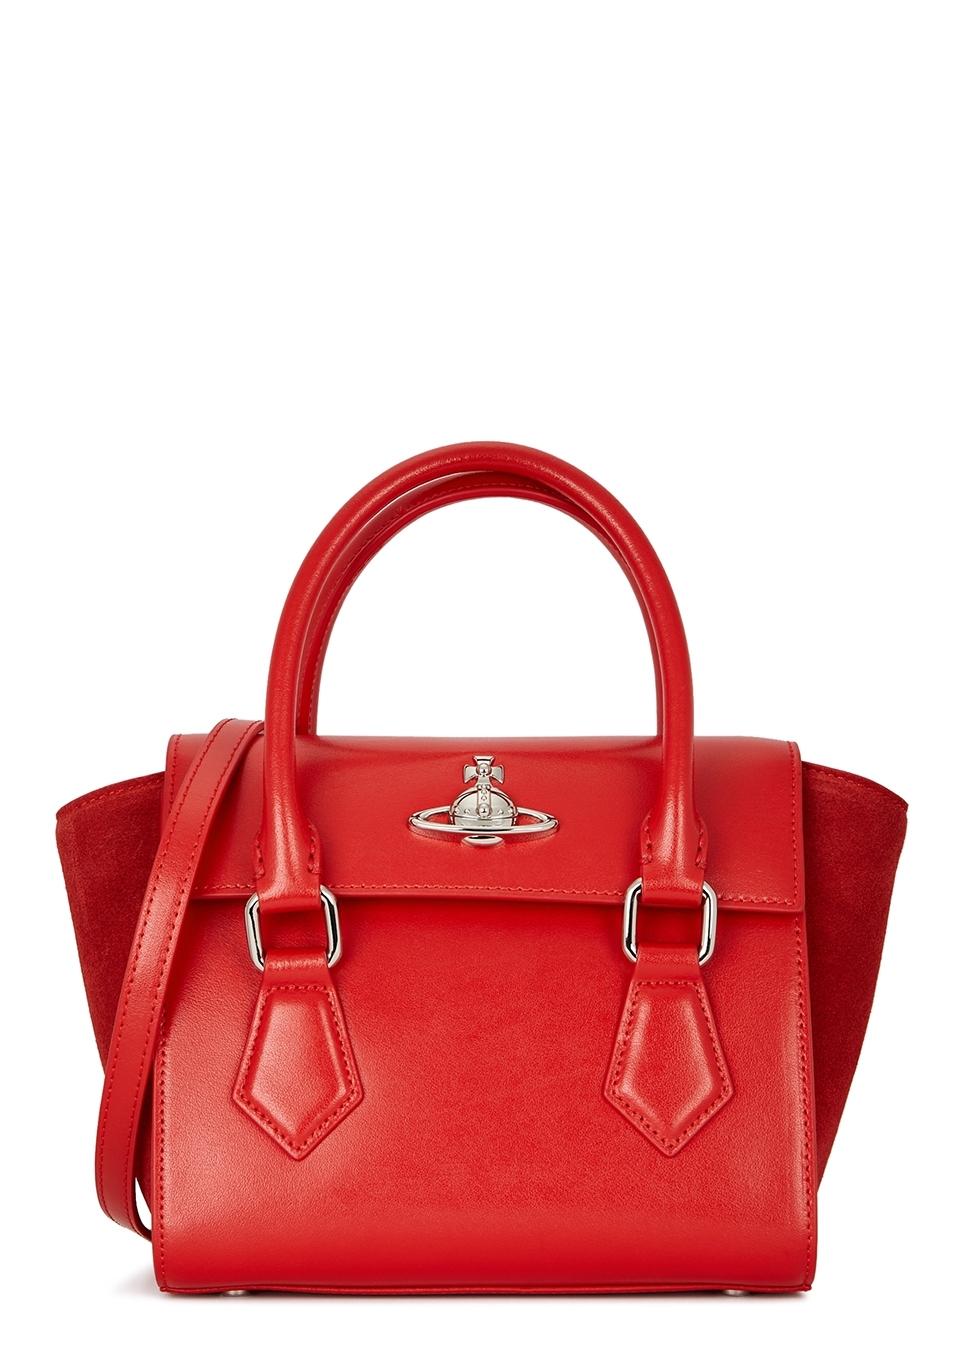 57ba2d744af0 Women s Designer Bags